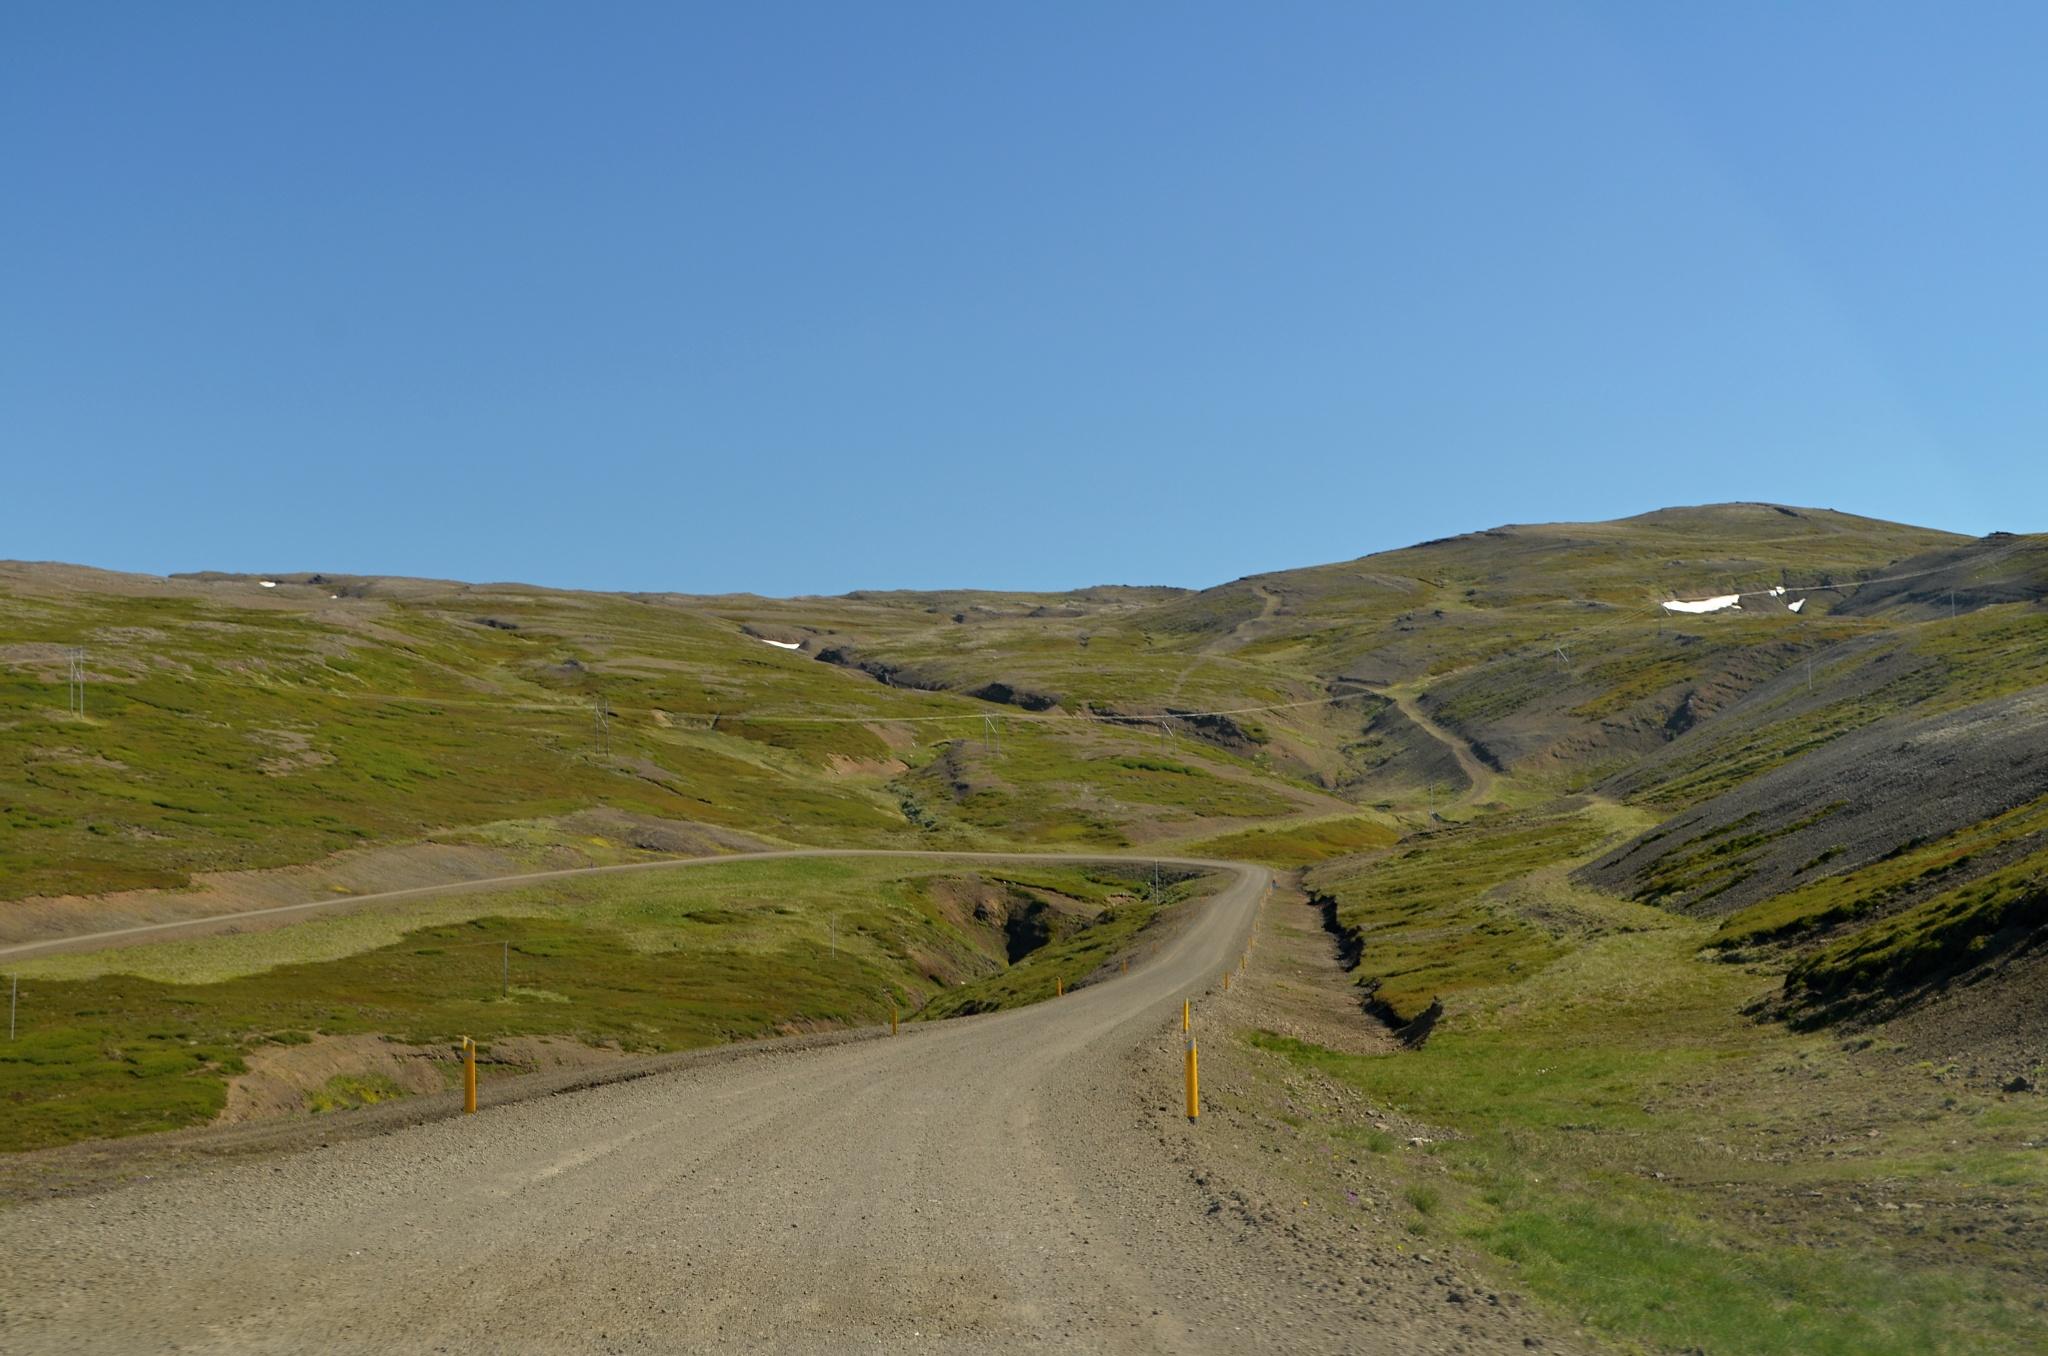 Cesta vede přes kopce...